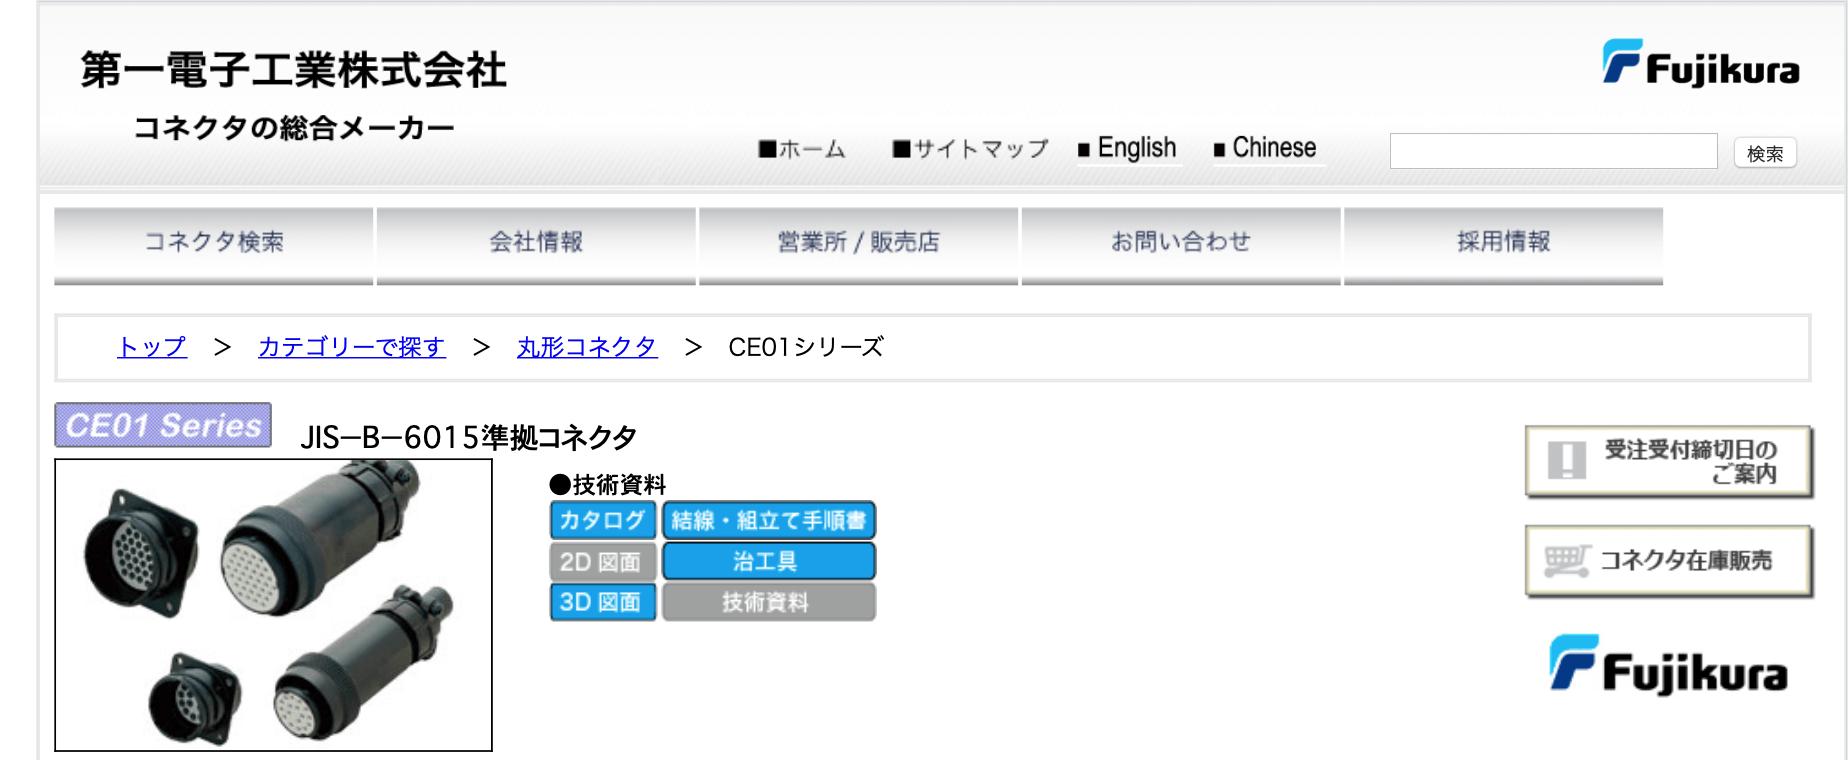 CE01シリーズ